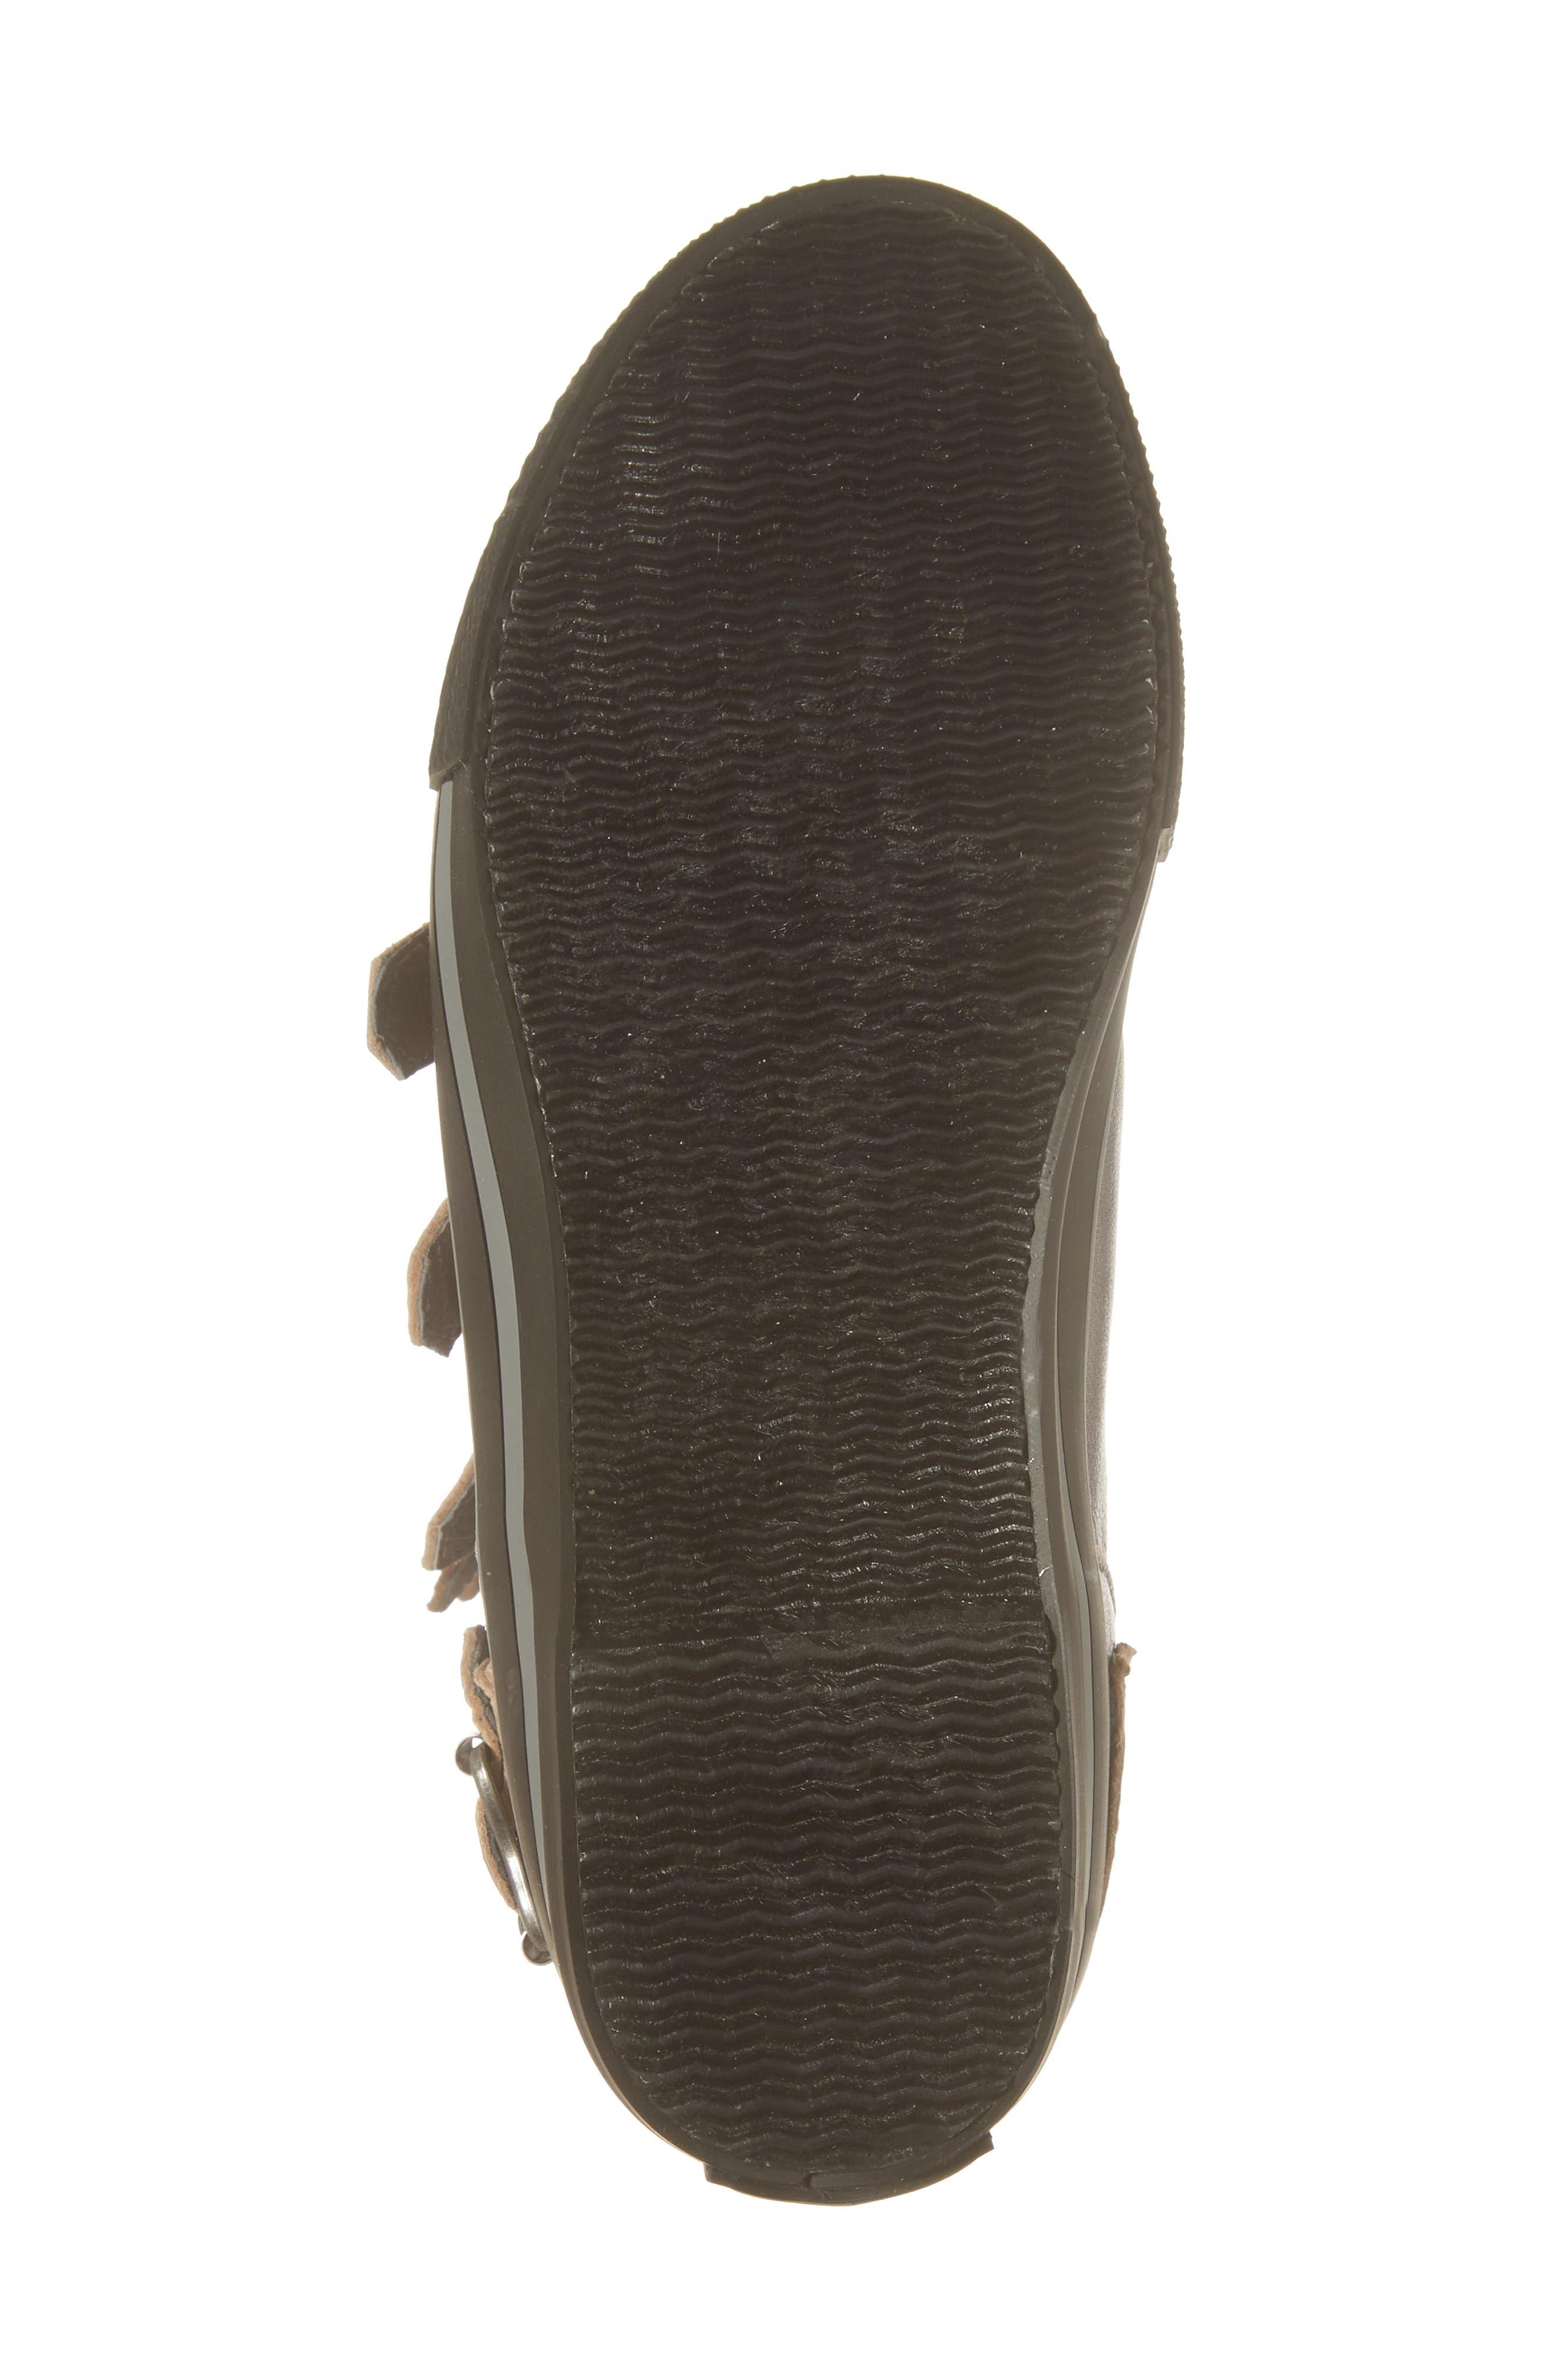 Vava Natalie Tall Sneaker Boot,                             Alternate thumbnail 6, color,                             040